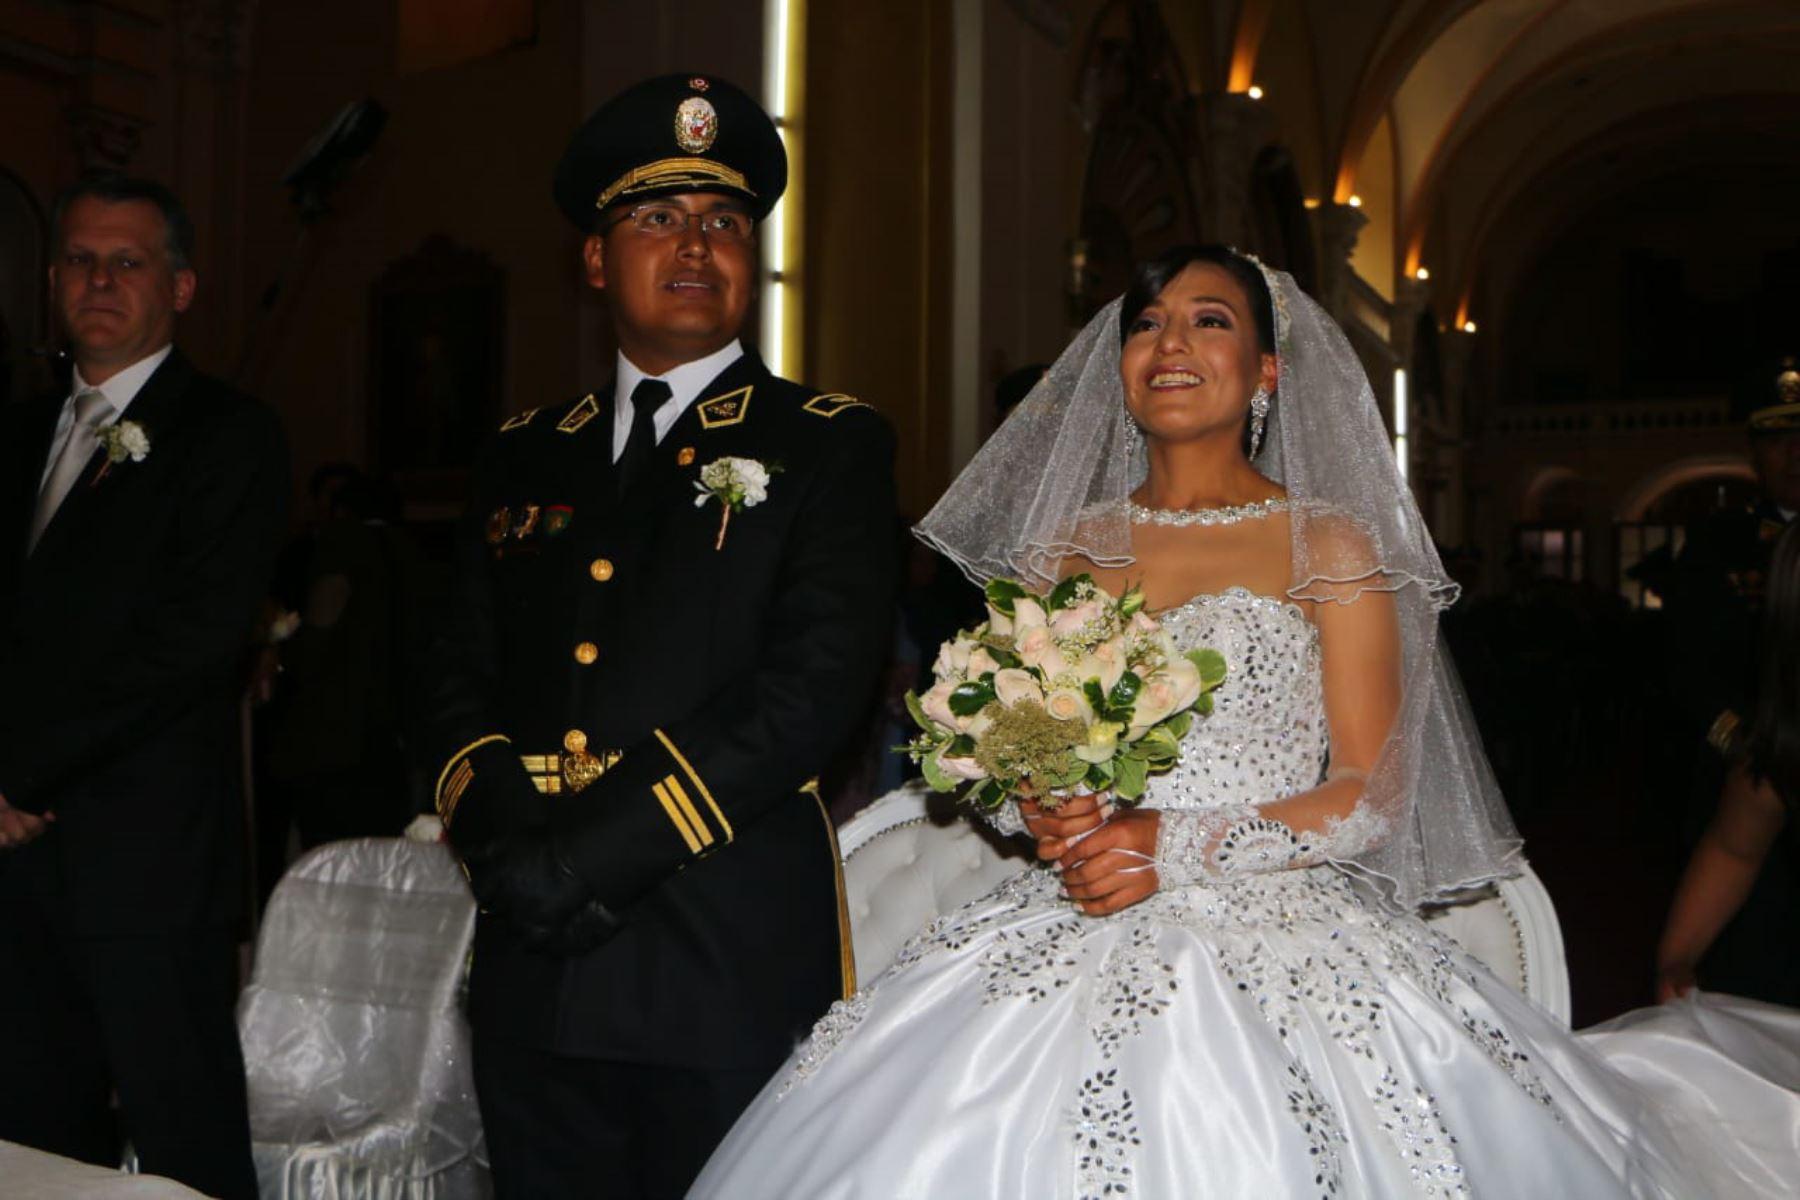 La destacada atleta Santa Inés Melchor Huiza contrajo matrimonio religioso hoy en el templo matriz de la ciudad capital de la región Junín con el amor de su vida, el teniente de la Policía Nacional del Perú (PNP), Raúl Martín Guzmán Roca.